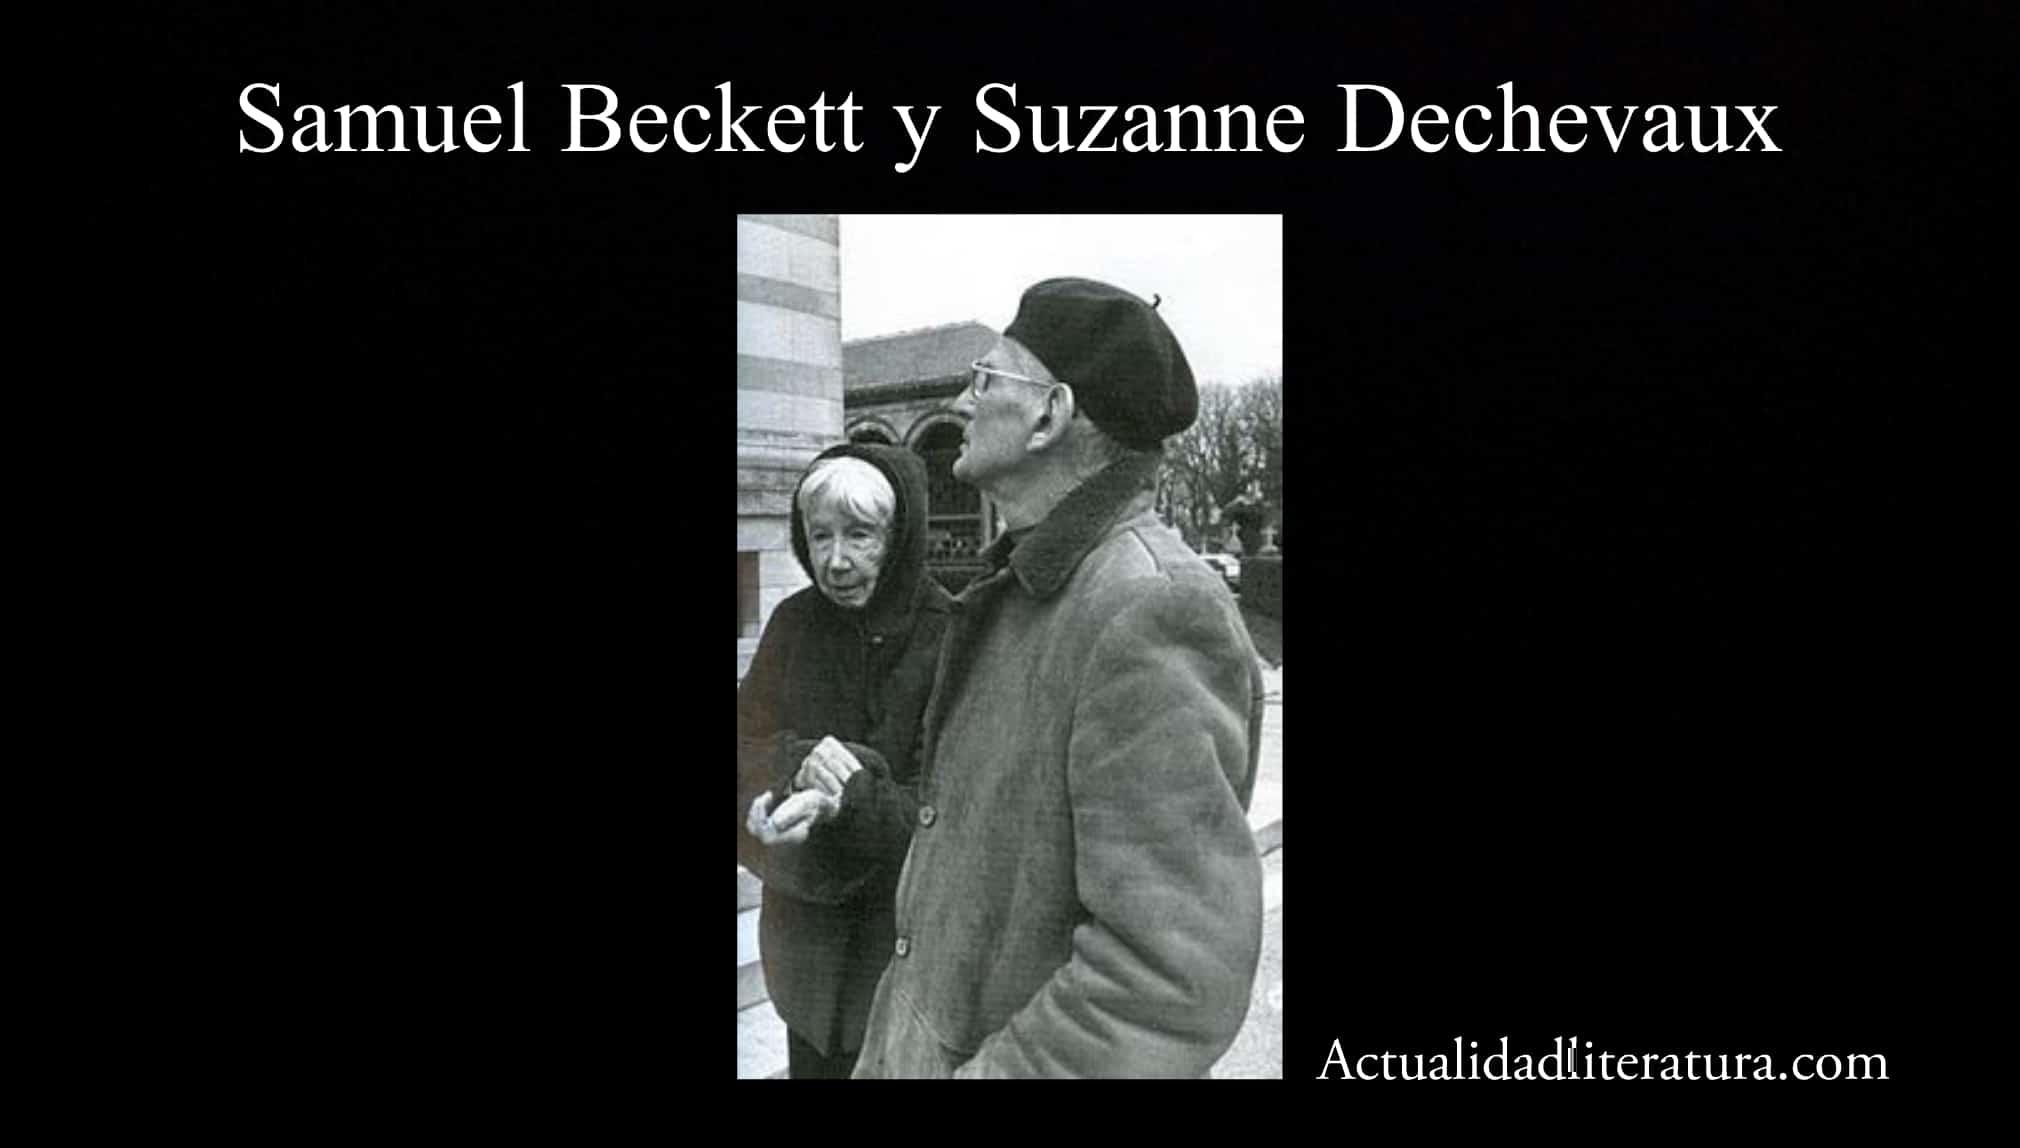 Samuel Beckett y Suzanne Dechevaux